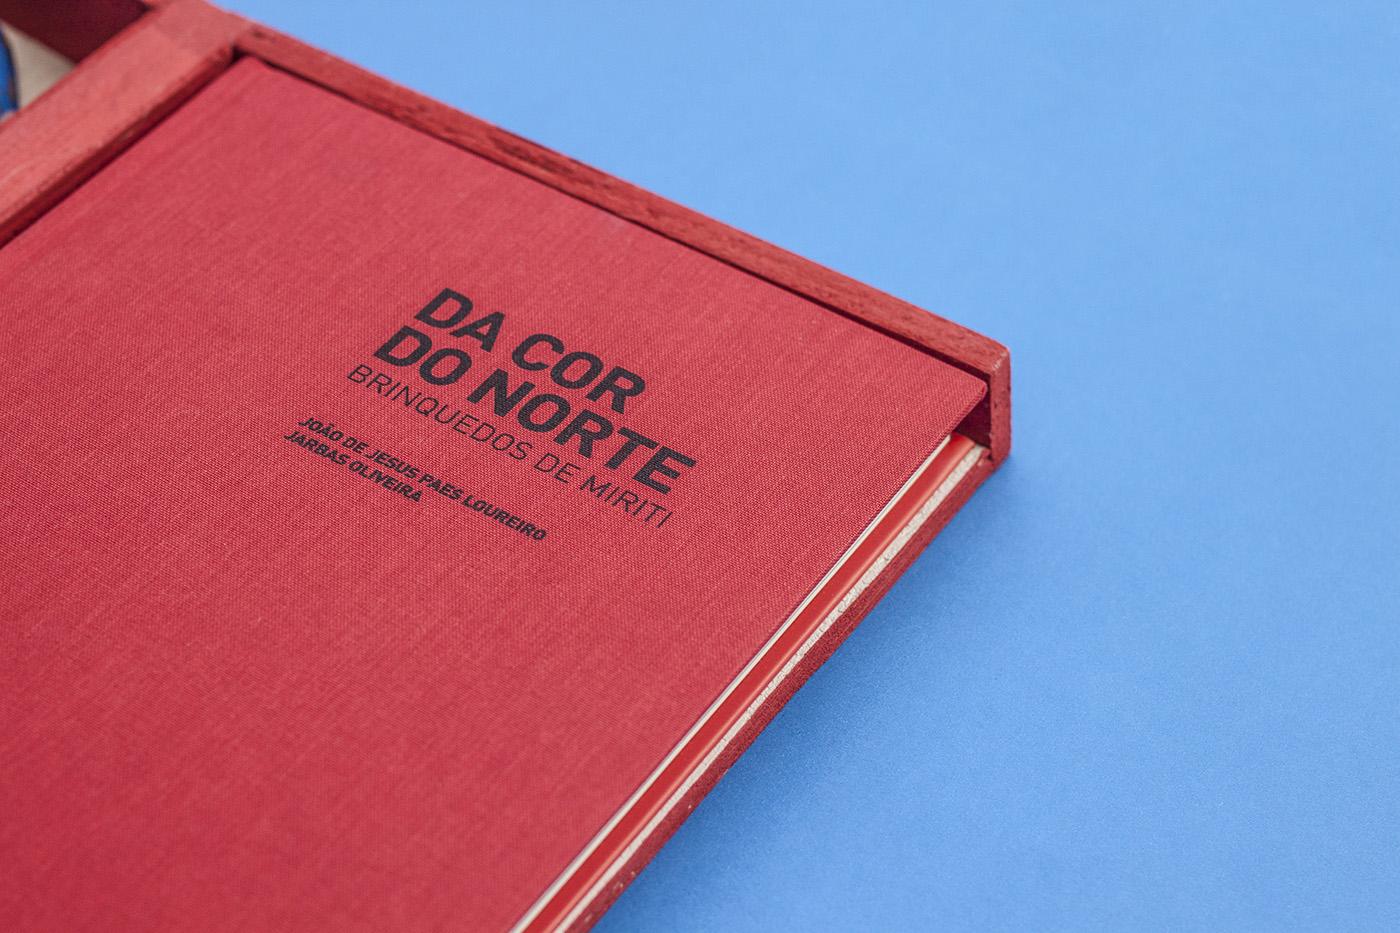 Ribeirinhos abaetetuba para editorial Adobe Portfolio miriti toys toy Sustainable